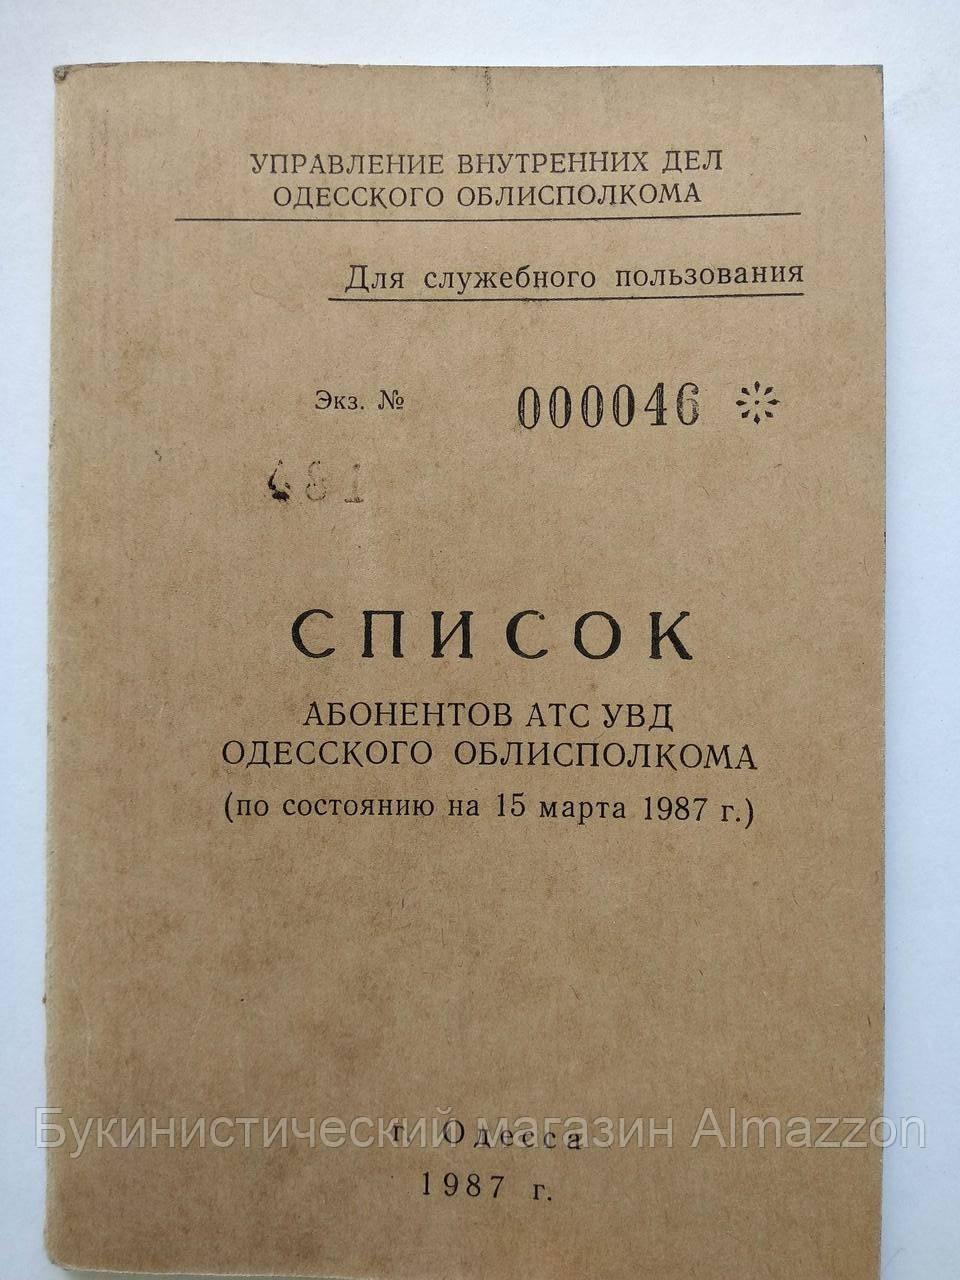 Список абонентов АТС УВД Одесского облисполкома Управление внутренних дел. (на 15 марта 1987 года)